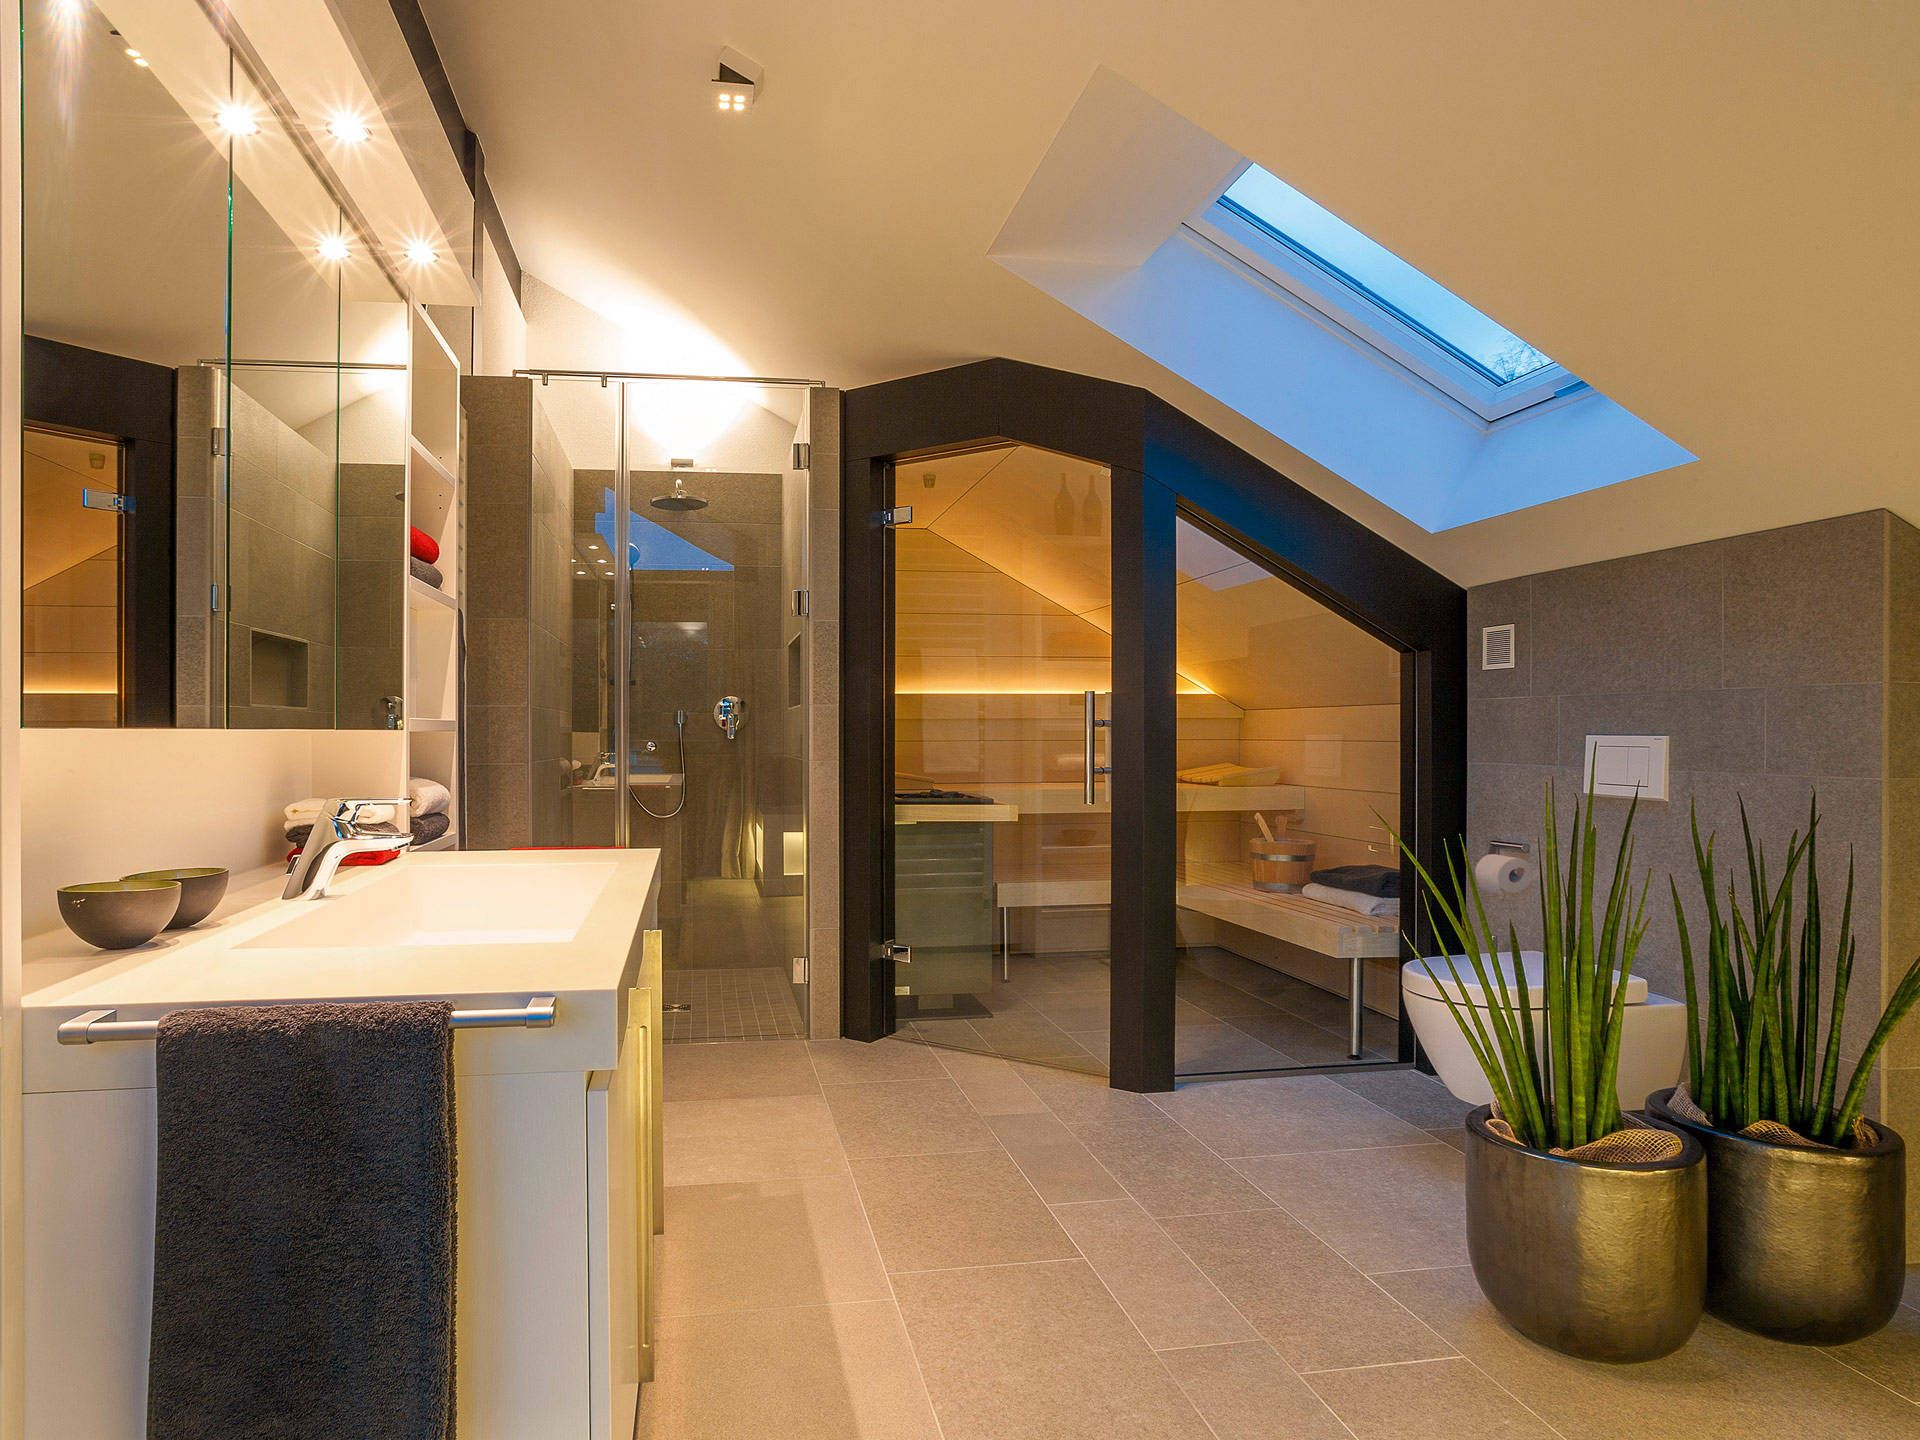 HUF Haus modum 810 von HUF Haus Badezimmer gestalten